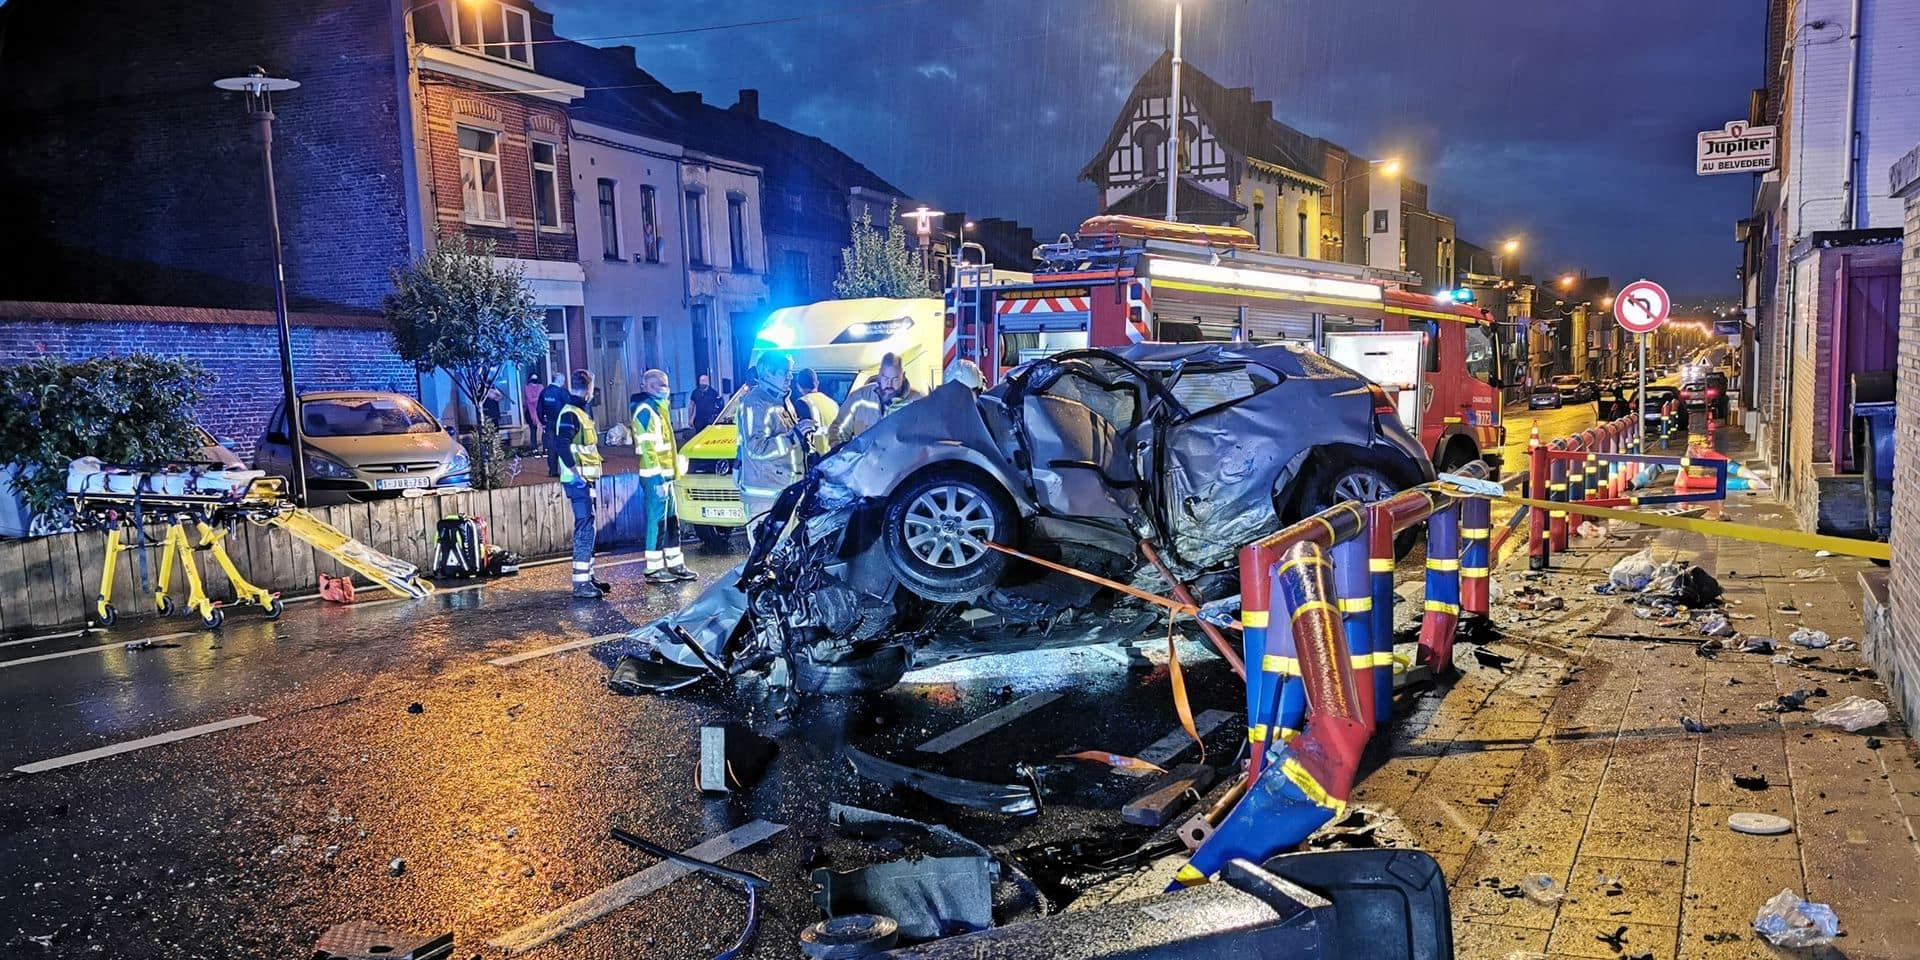 Dramatique accident avec un mort et deux blessés graves sur la rue du Général de Gaulle à Courcelles